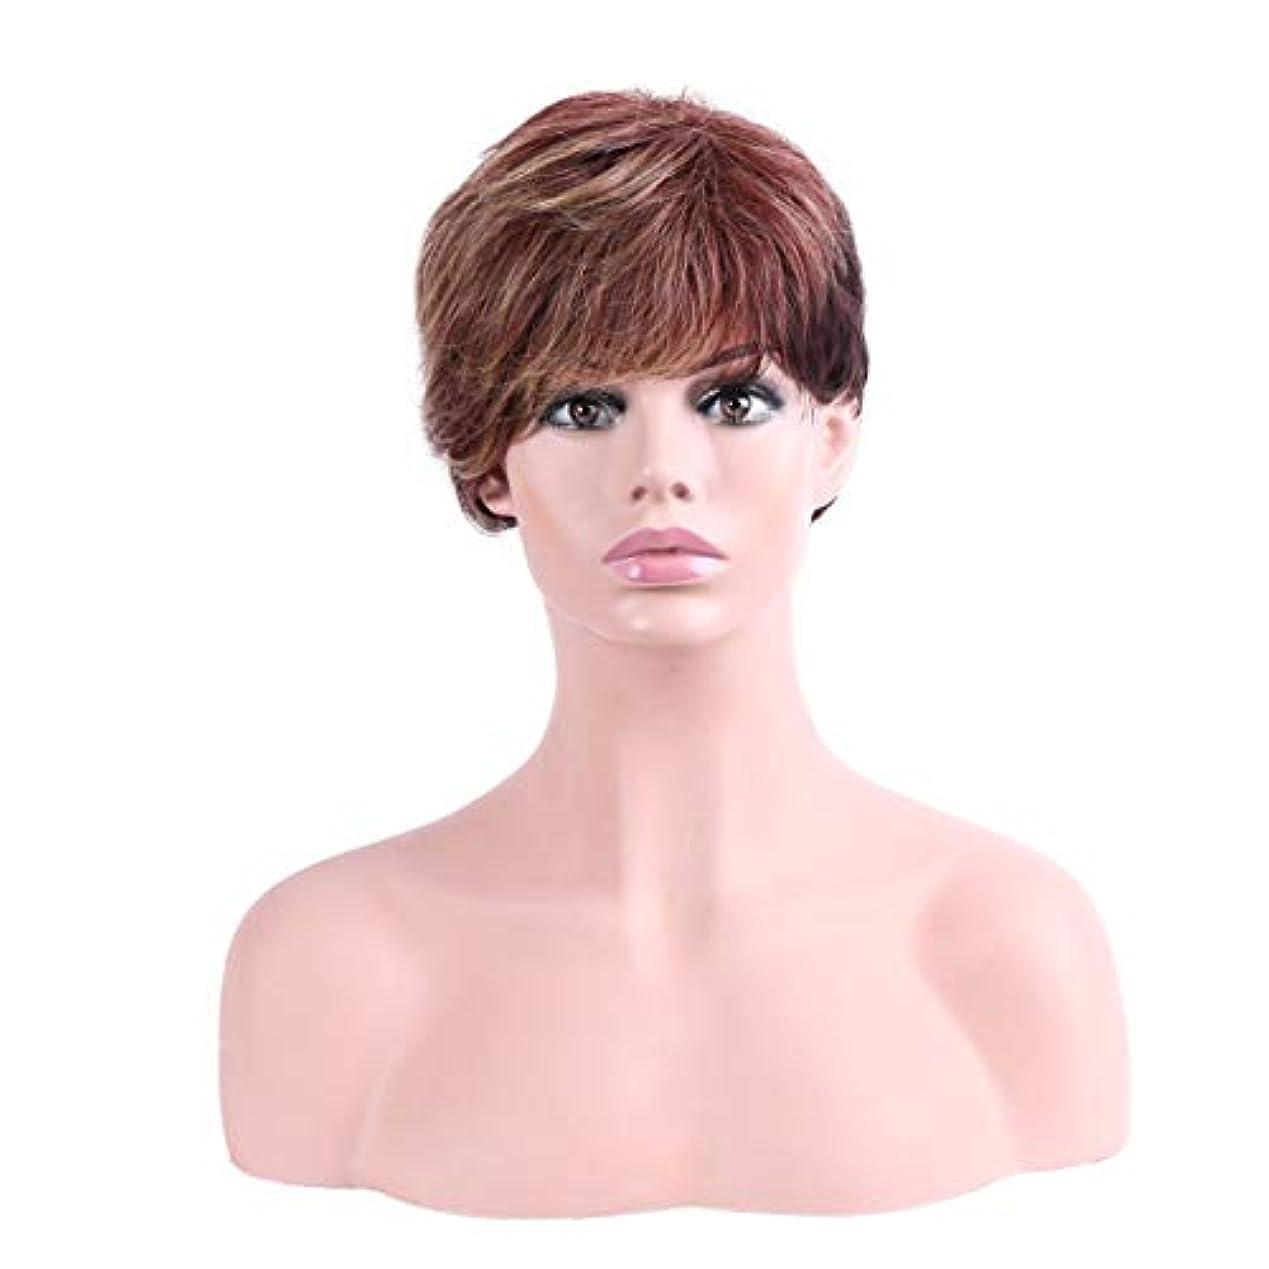 カウボーイ一時停止合理的YOUQIU 女性の耐熱ウィッグナチュラルヘアウィッグ用オンブル茶ショート傾斜部髪の天然、合成ウィッグ (色 : Ombre Brown)